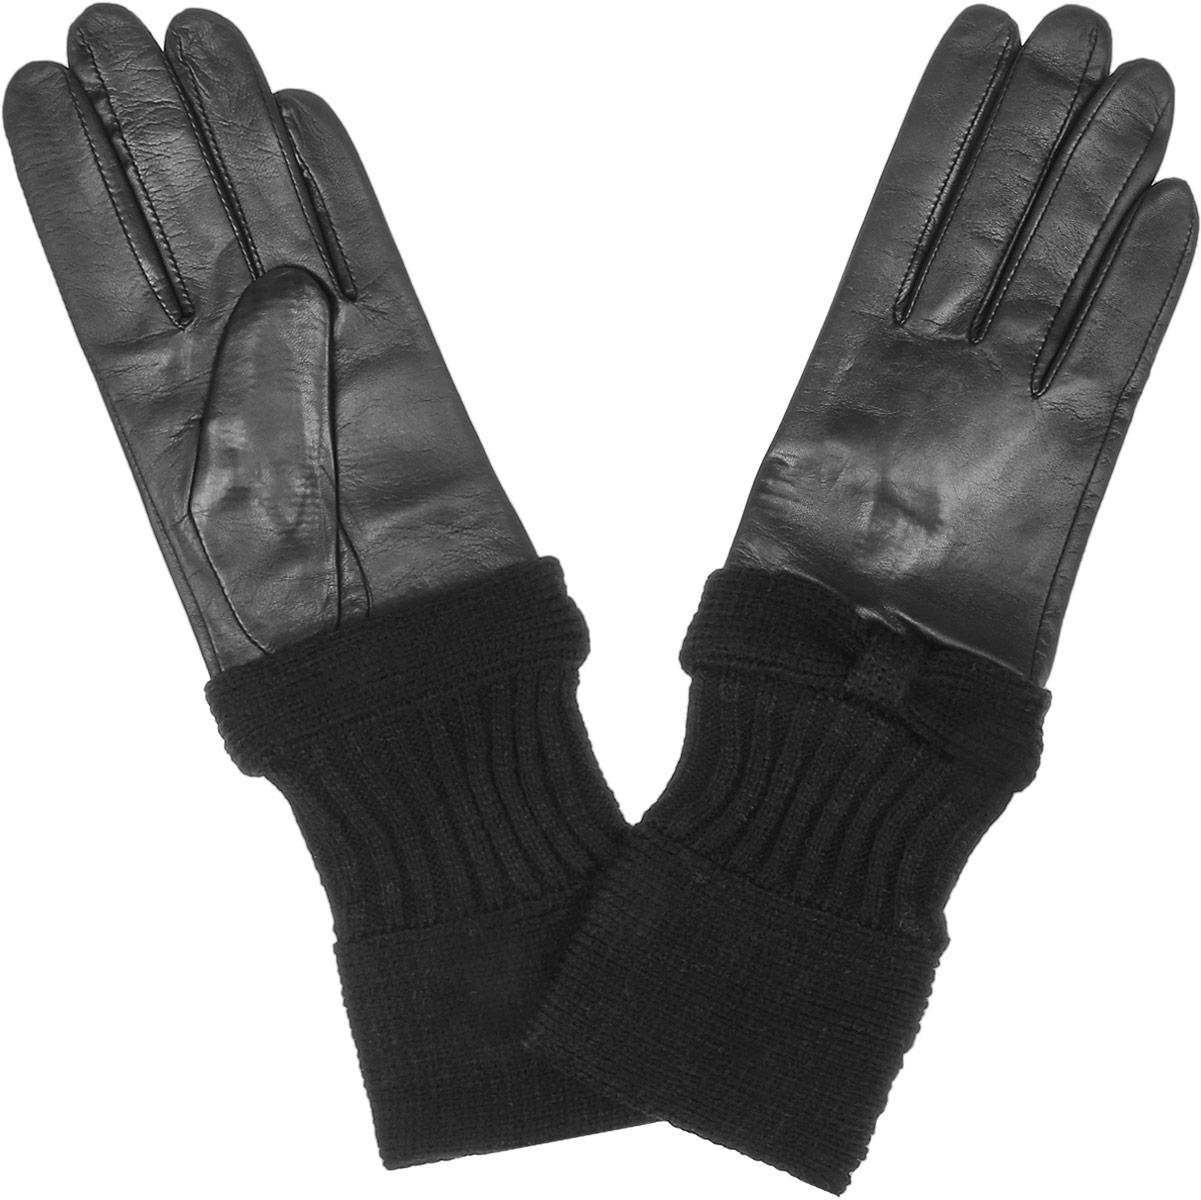 2.23-1 blackСтильные женские перчатки Fabretti не только защитят ваши руки, но и станут великолепным украшением. Перчатки выполнены из натуральной кожи ягненка, а их подкладка - из высококачественной шерсти с добавлением кашемира. Удлиненная модель дополнена вязанным манжетом, выполненным оригинальной вязкой. Стильный аксессуар для повседневного образа.